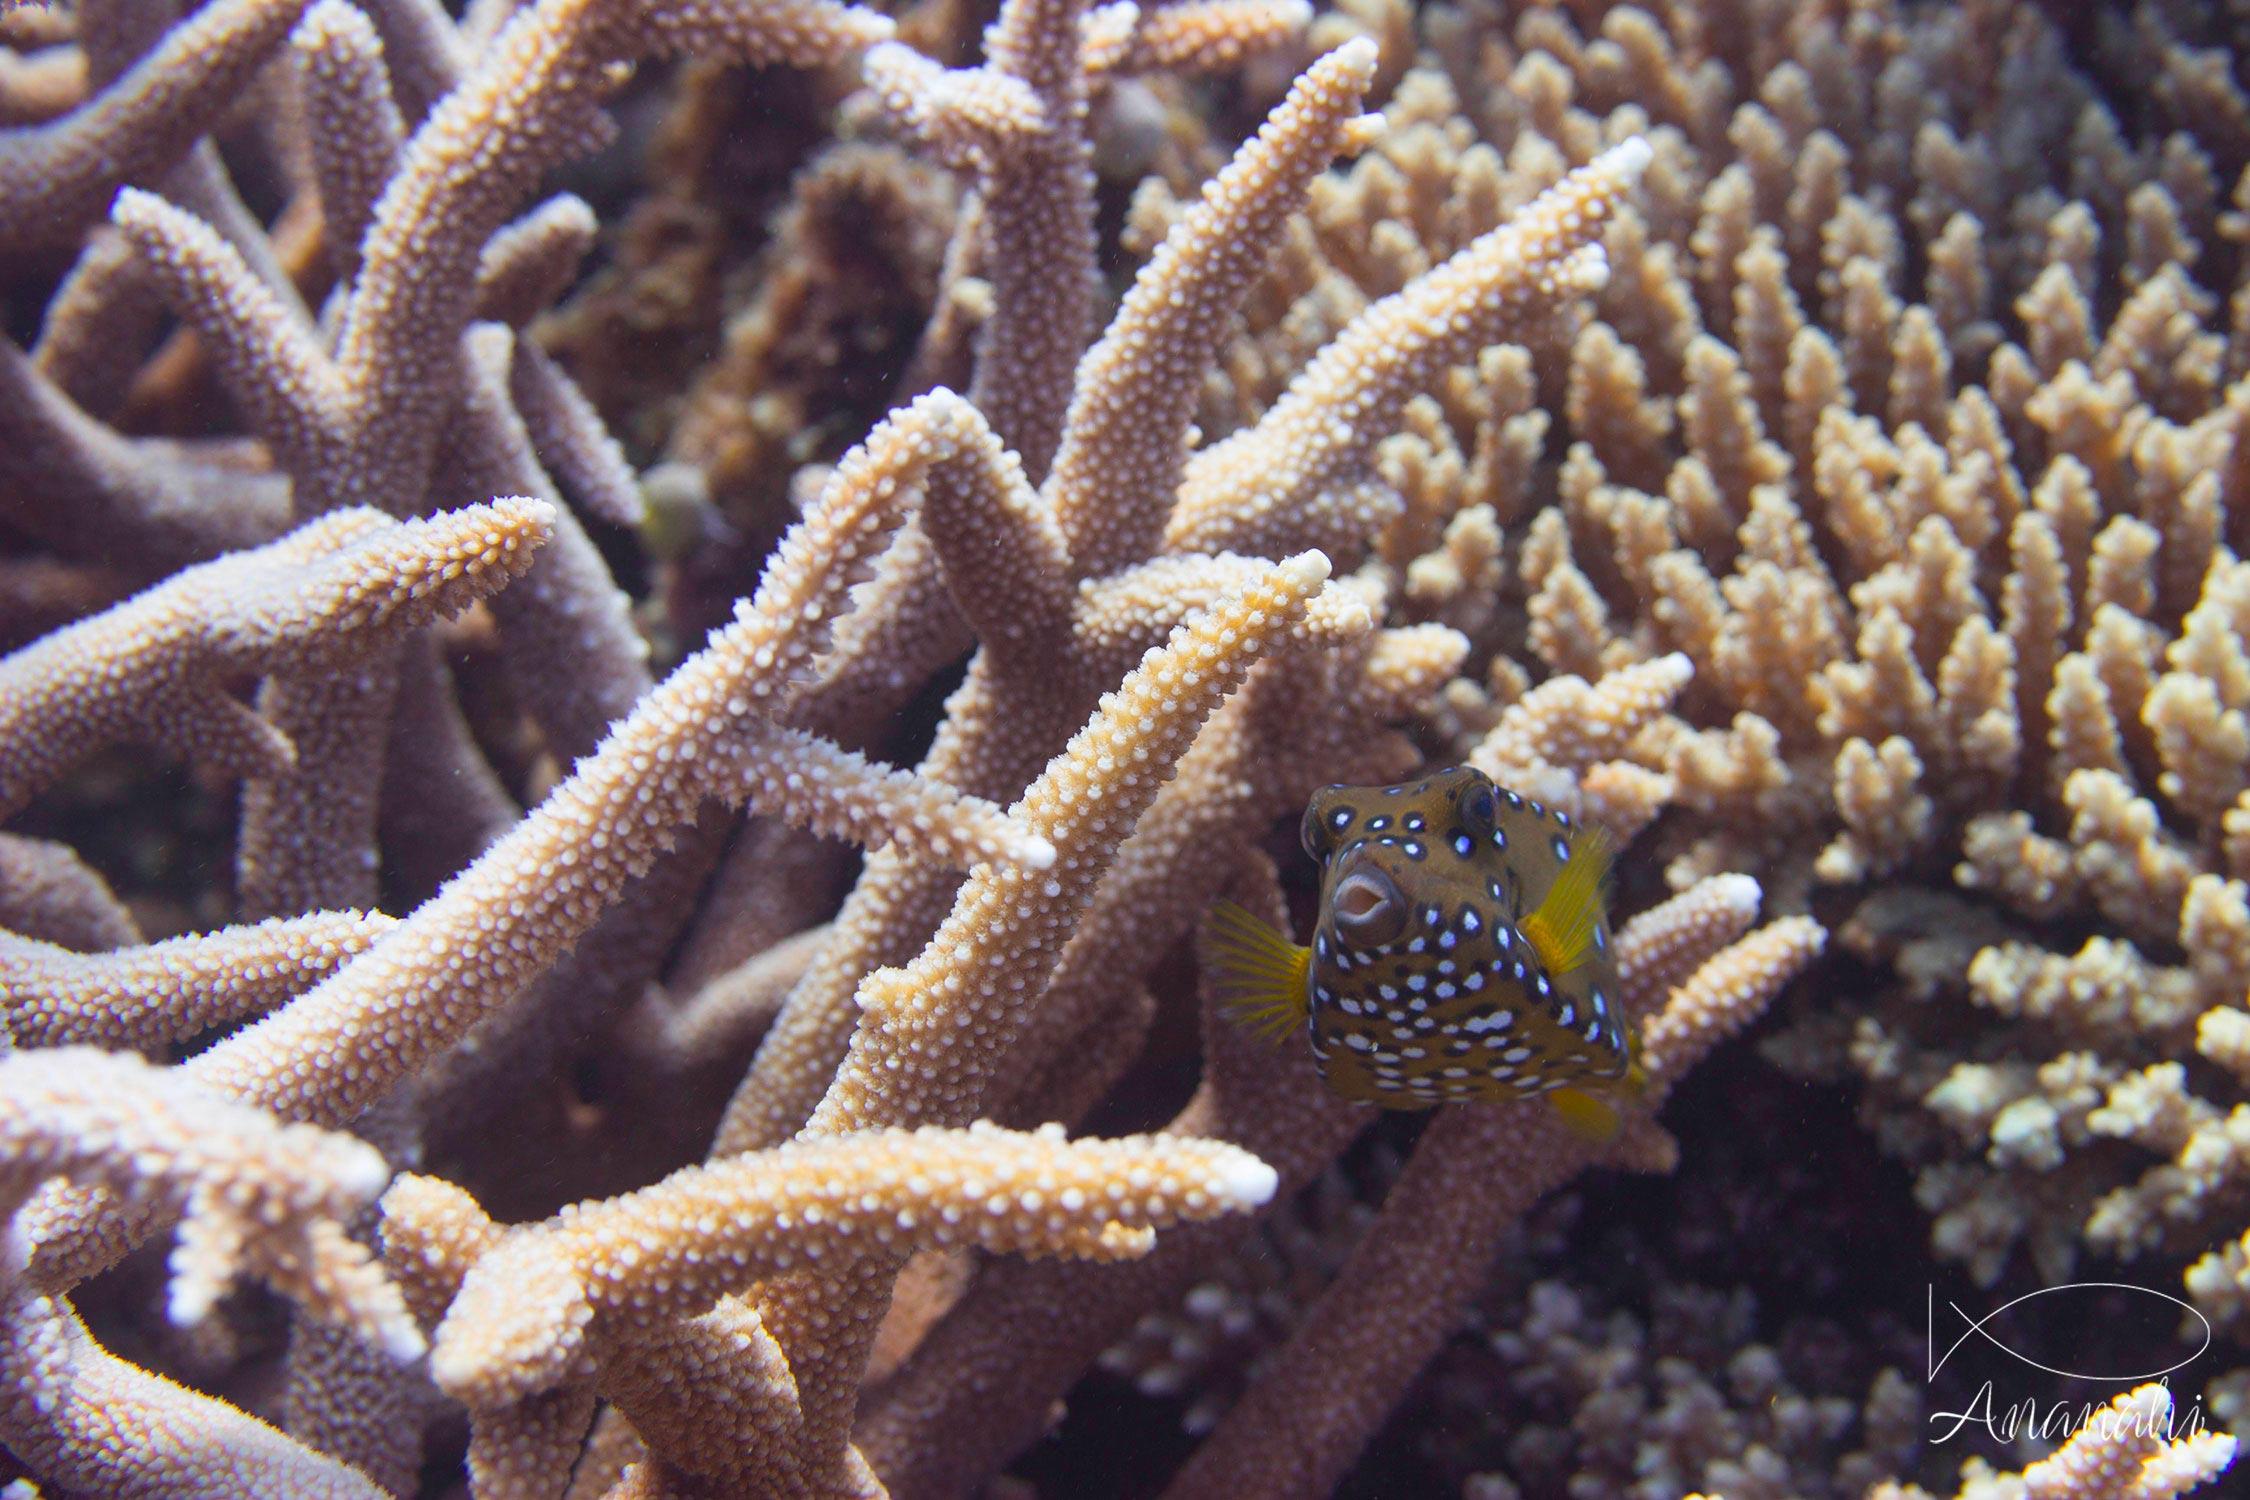 Yellow boxfish of Mayotte